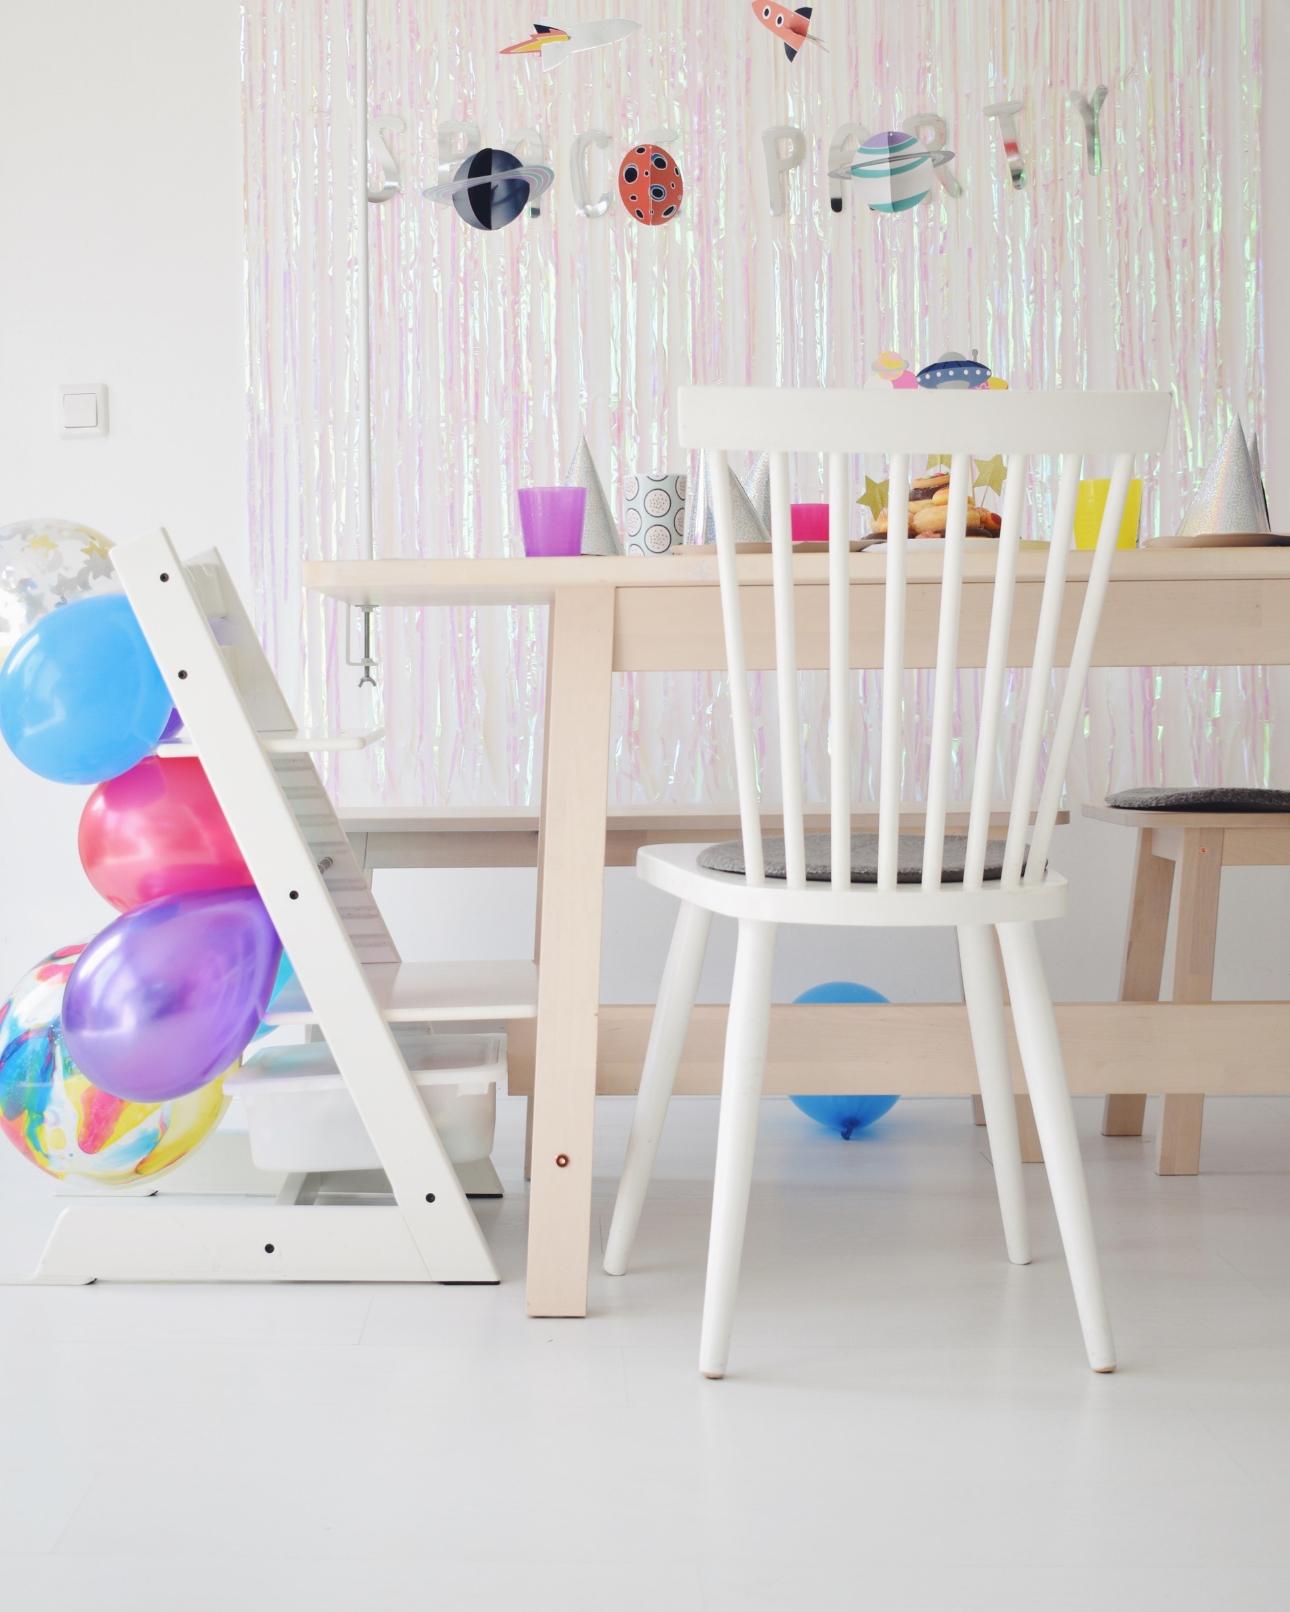 space party kinderfeestje tafel ballonnen